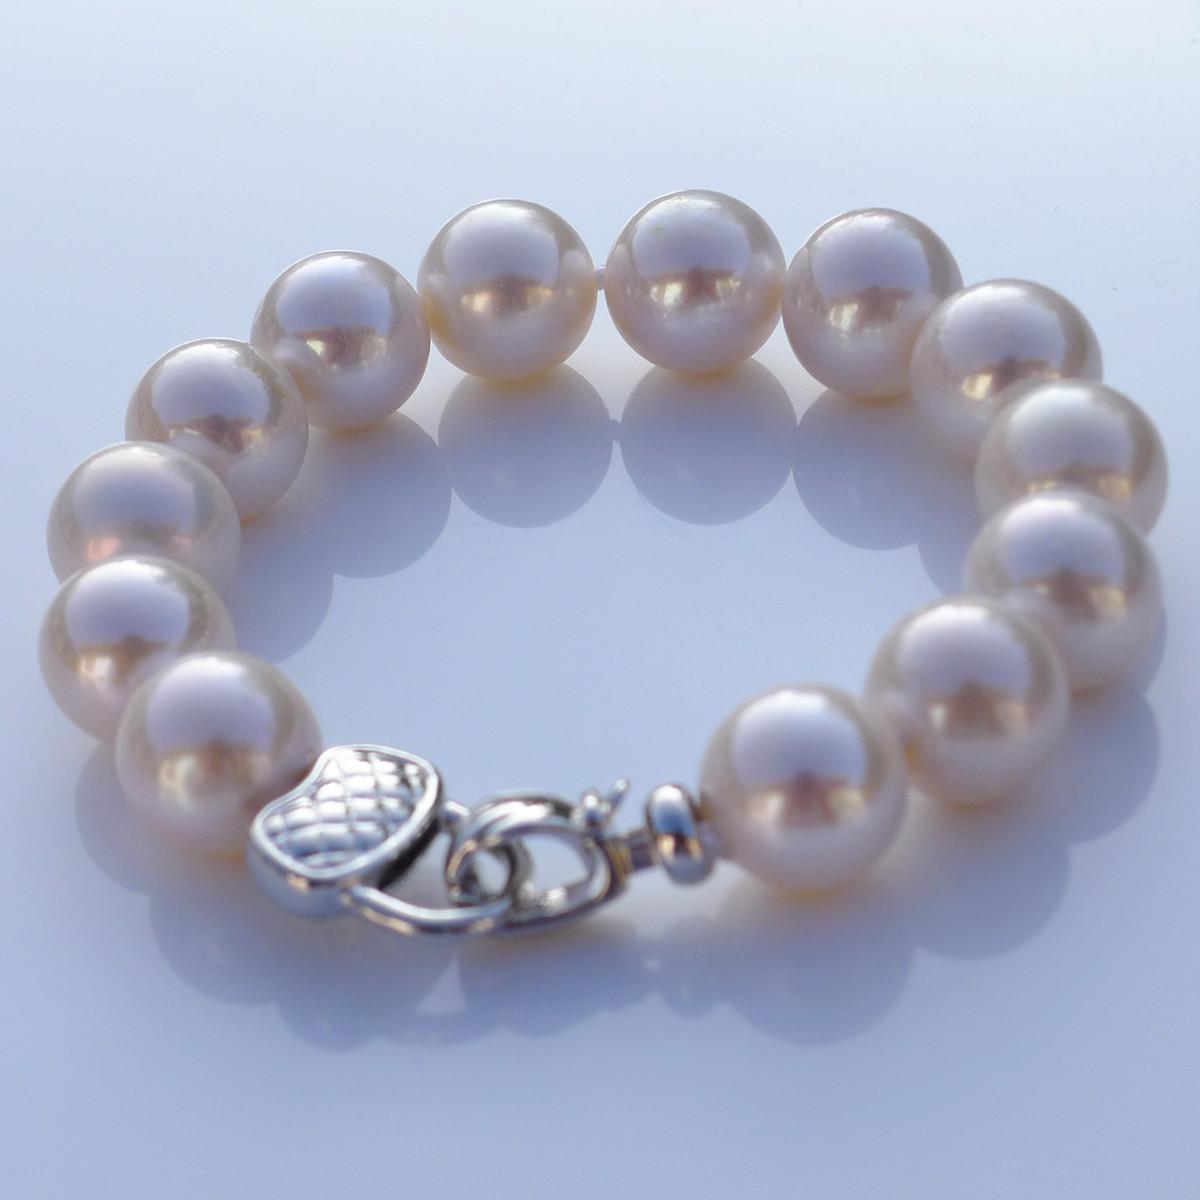 罕见特大12-13mm正圆强光天然珍珠手链手镯正品女925银扣